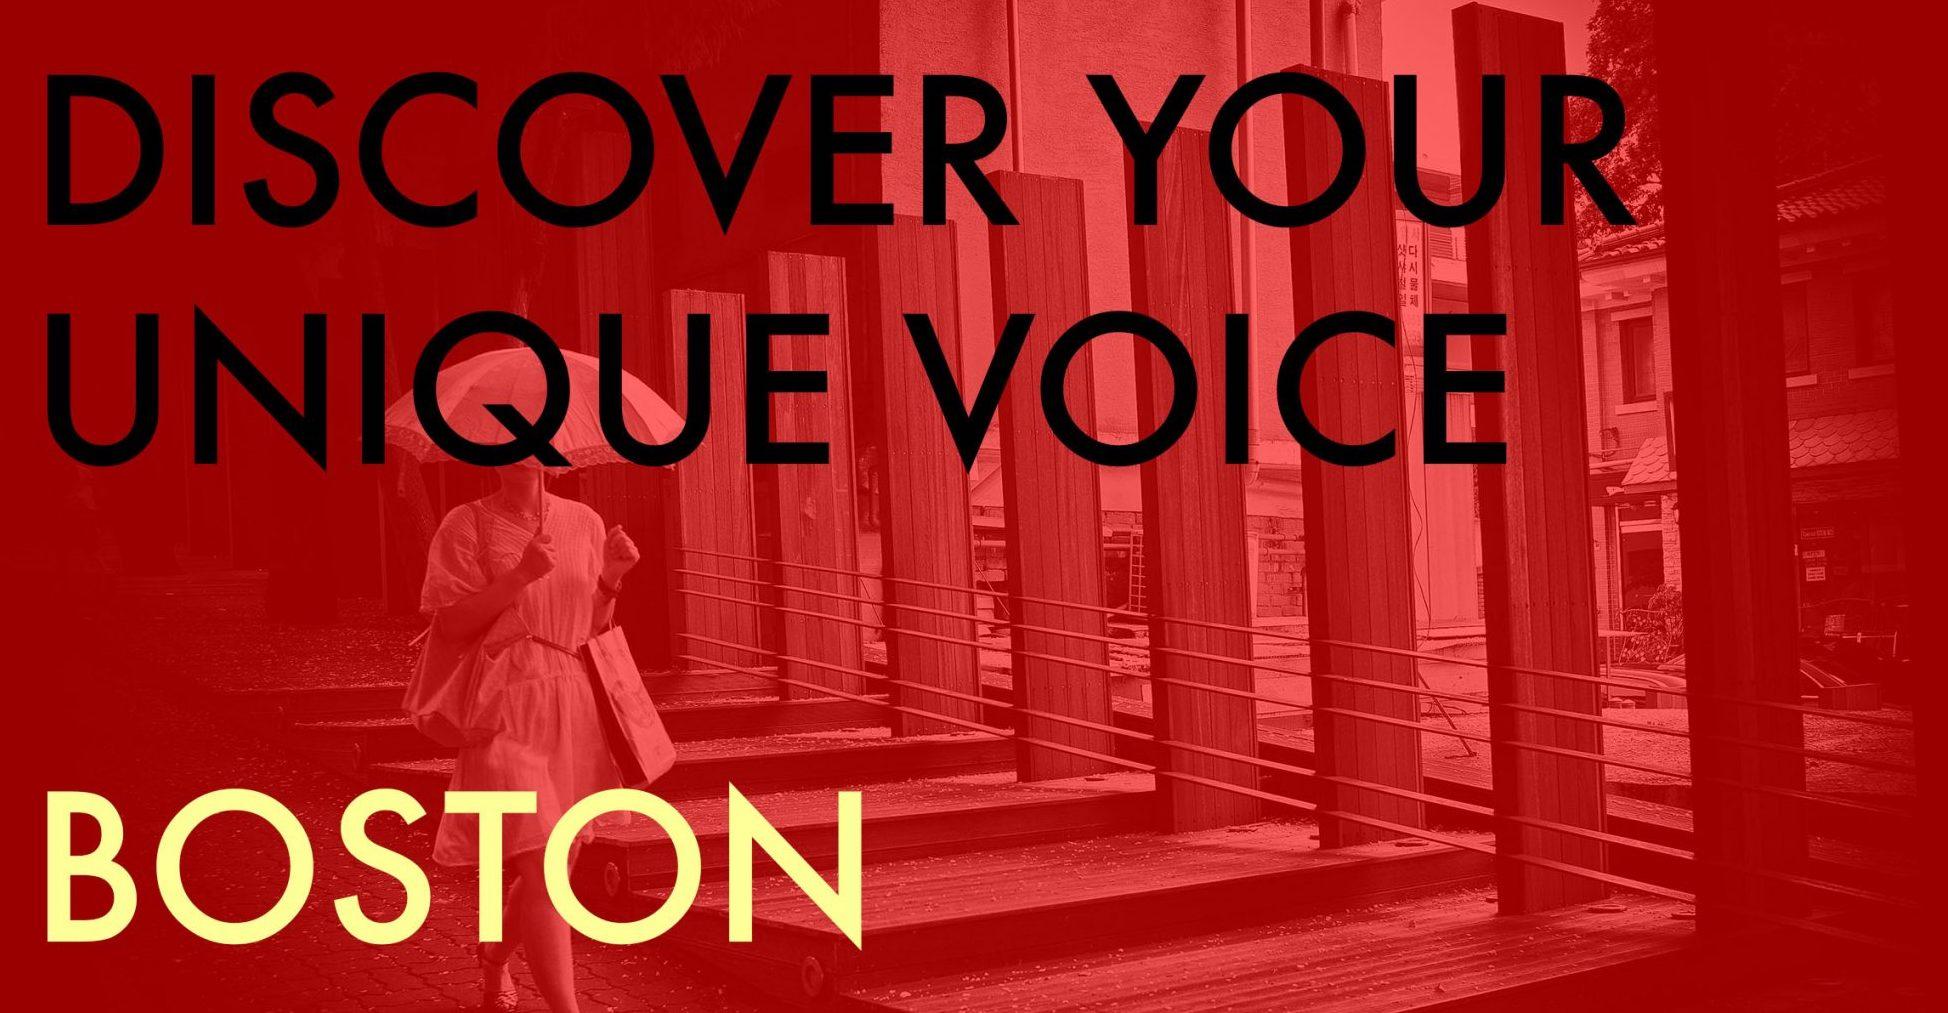 discover your unique voice Boston-2020-workshop-eric-kim-2000x1334